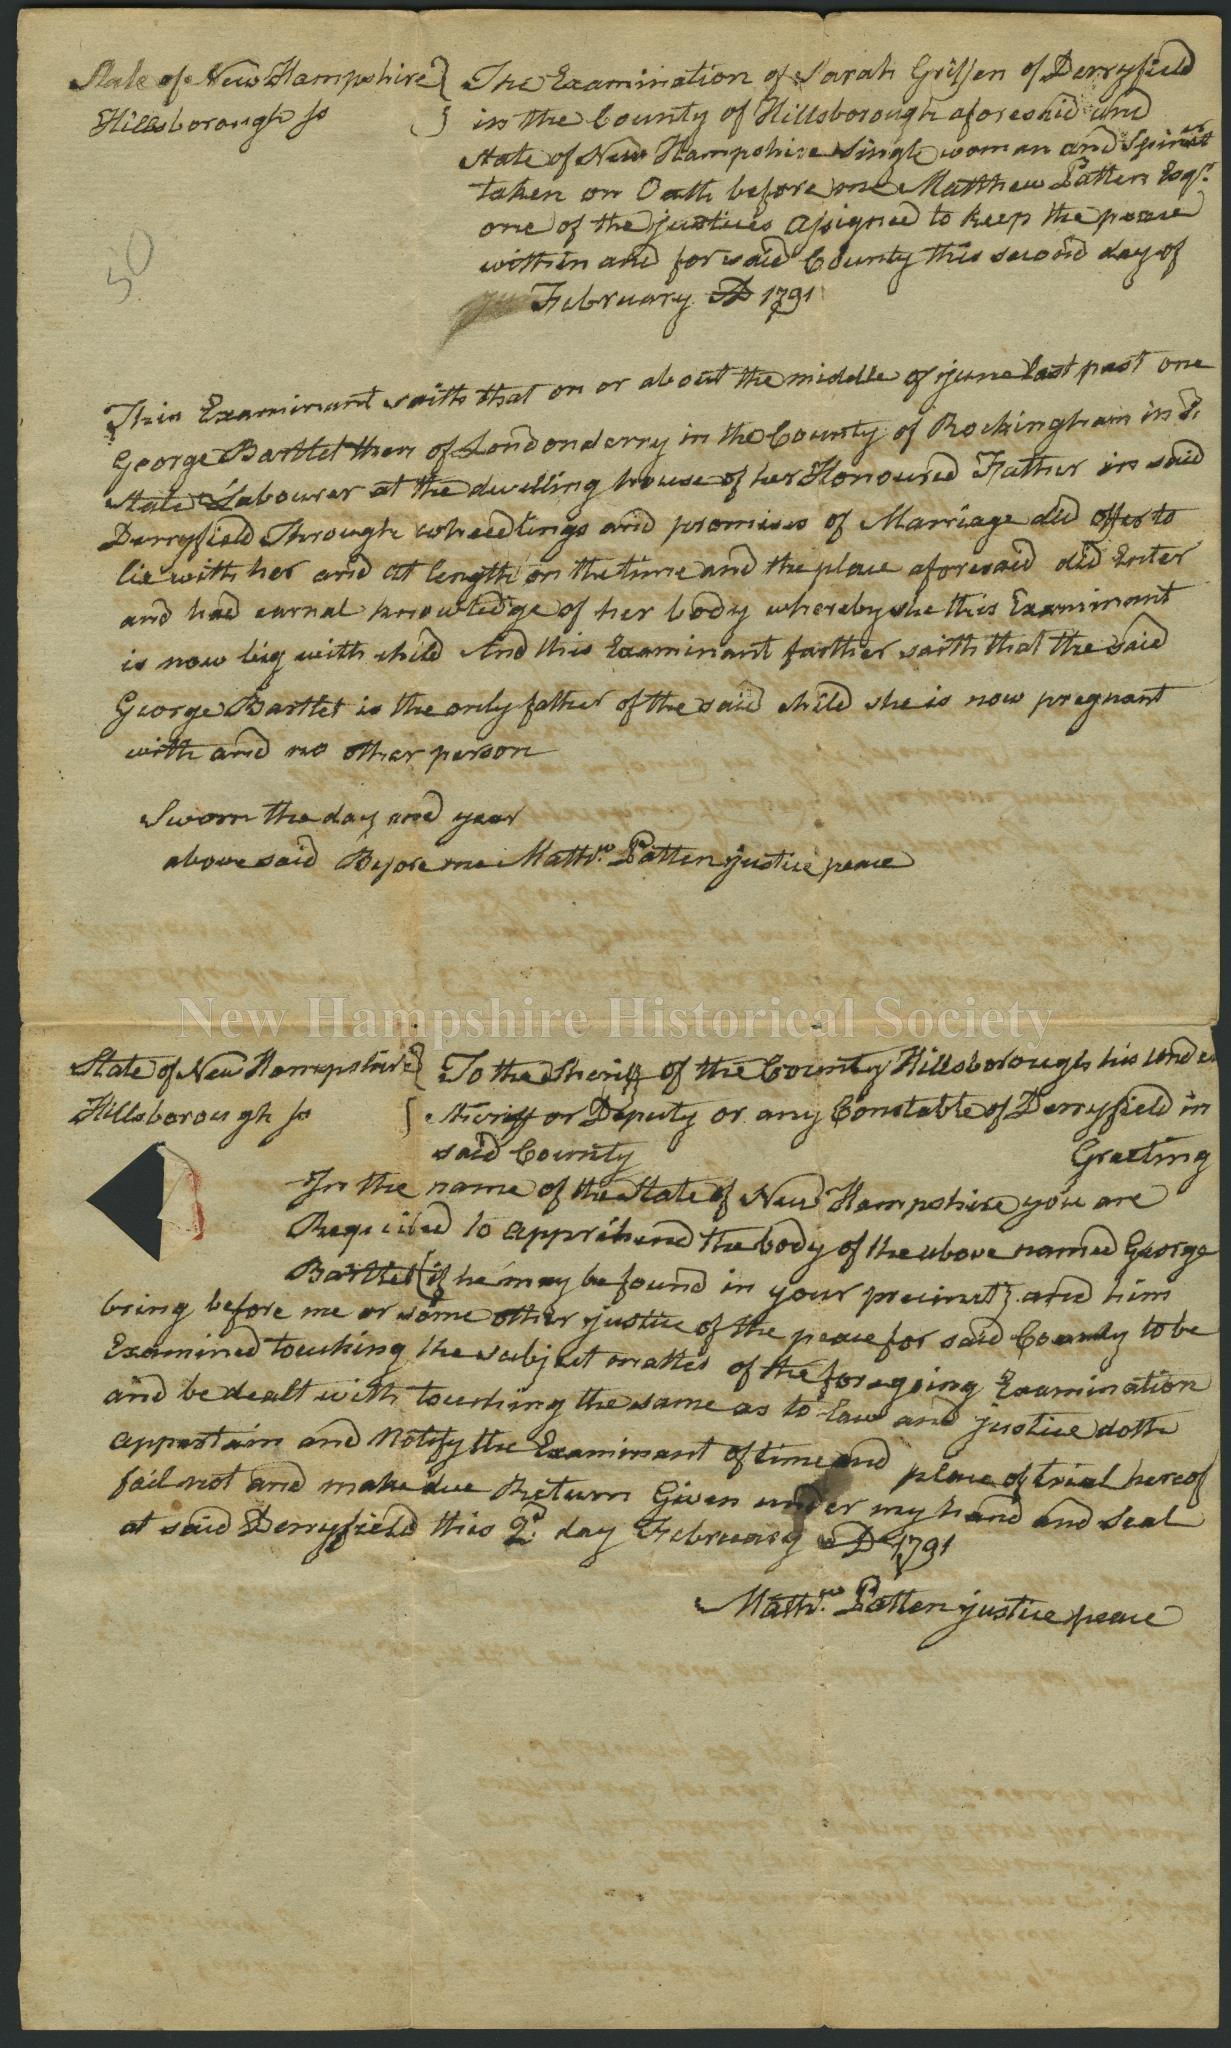 New Hampshire Historical Society - Examination of Sarah